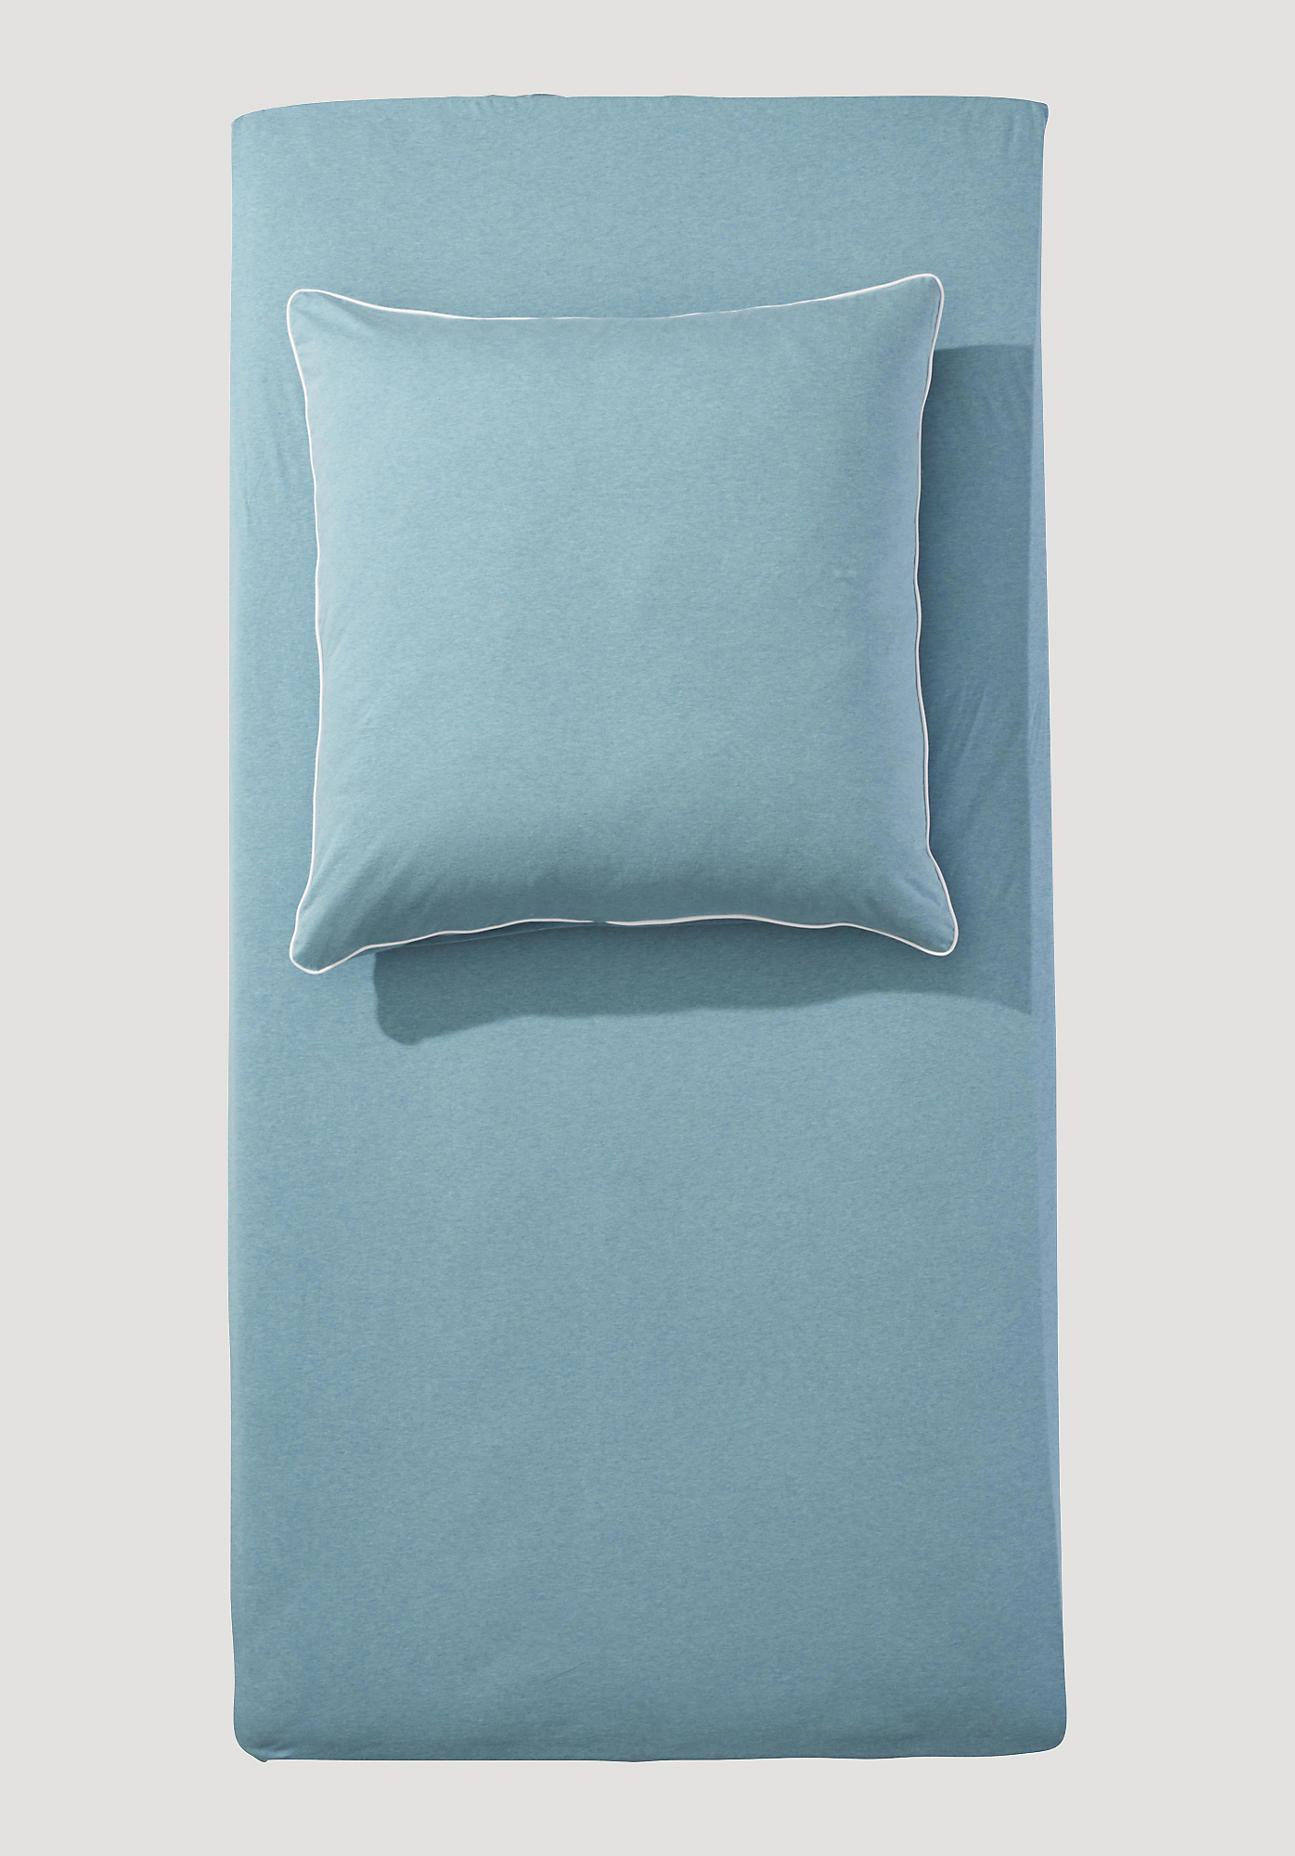 hessnatur Jersey-Spannbettlaken Liam aus Bio-Baumwolle - grün Größe 180-200x200 cm